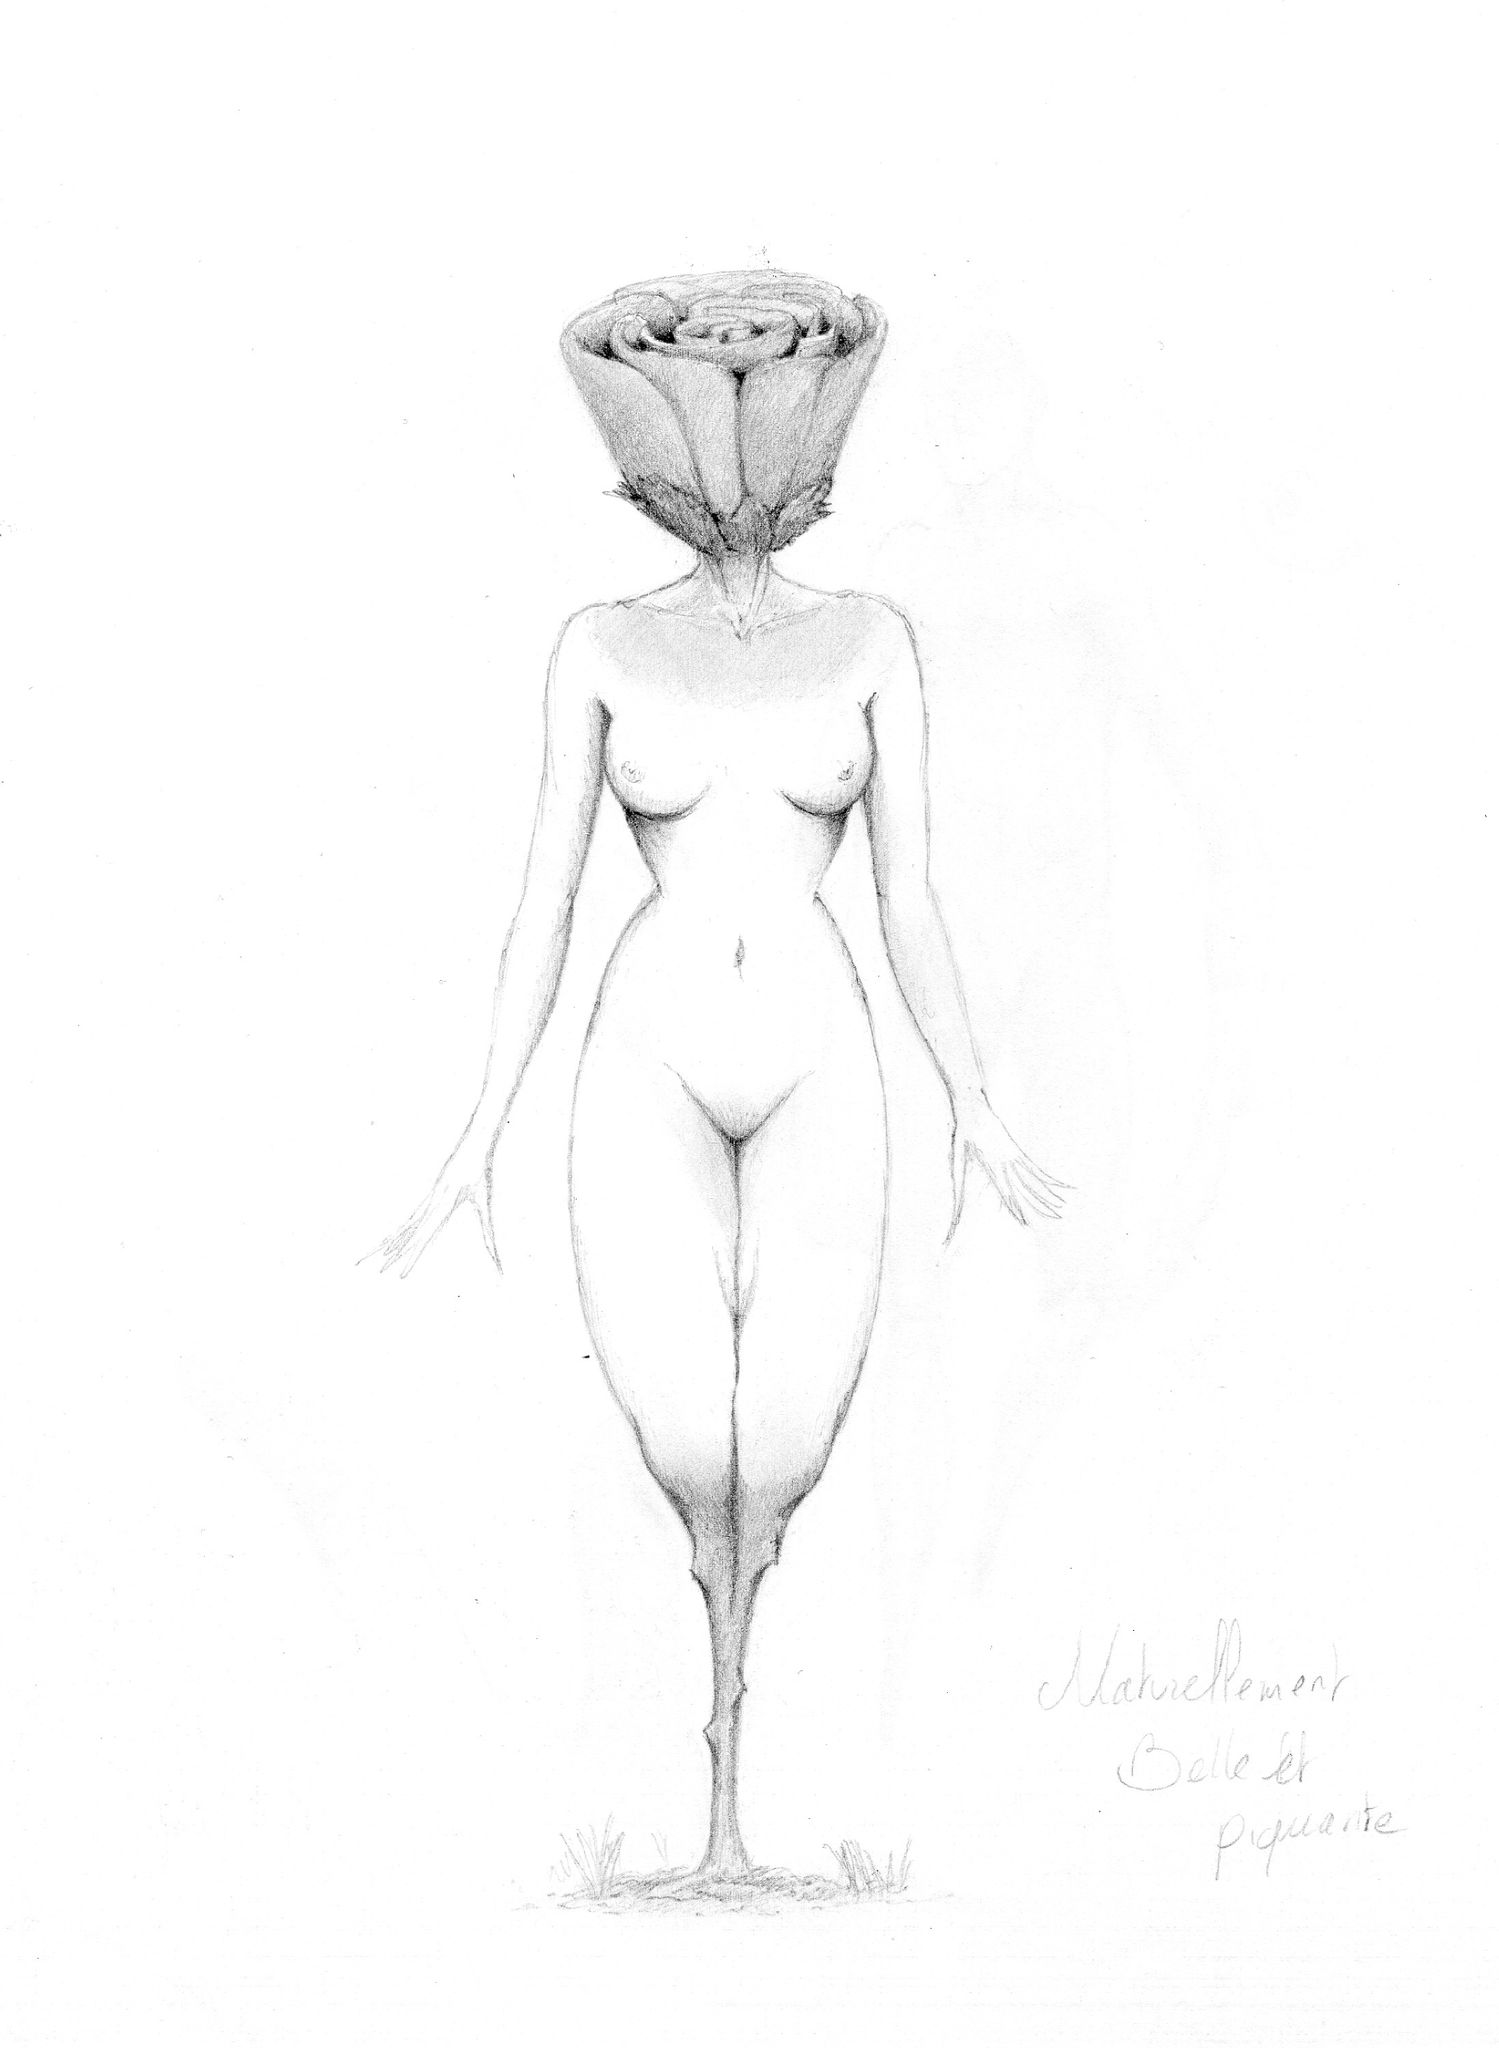 Femme Dessin Corps femme rose - d36, tableaux, affiches, coulure sur corps et surréalisme